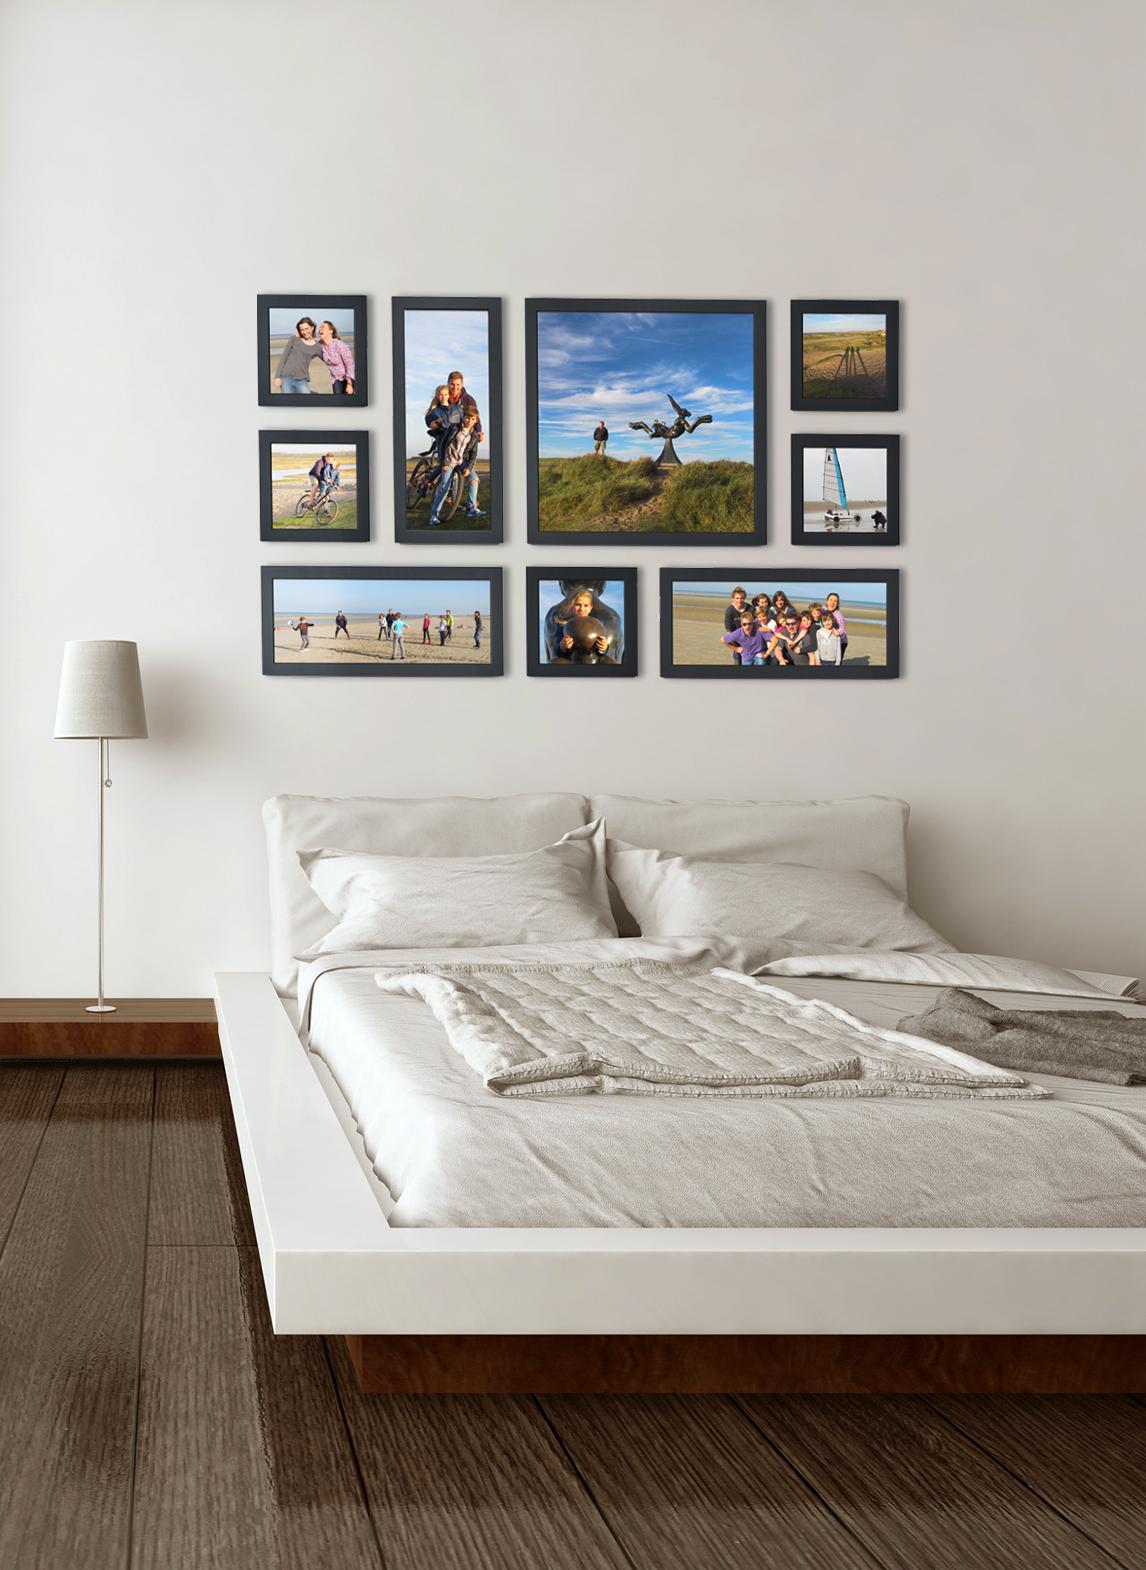 cosygallery quand la photo devient d co emmanuelle morice. Black Bedroom Furniture Sets. Home Design Ideas